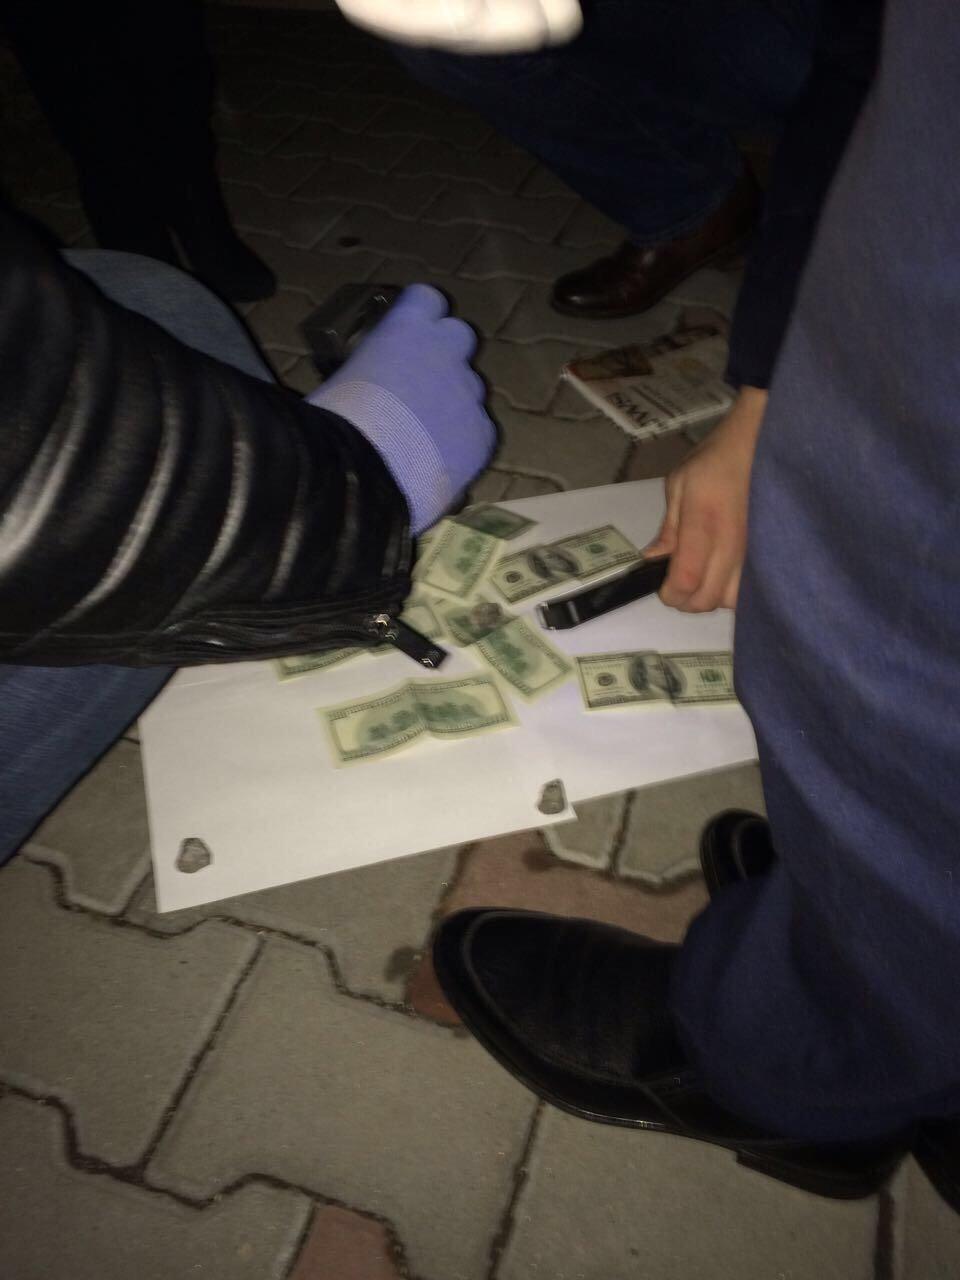 На Хмельниччині адвокат вимагав хабар за вплив на прийняття суддями рішення про закриття кримінального провадження, фото-2